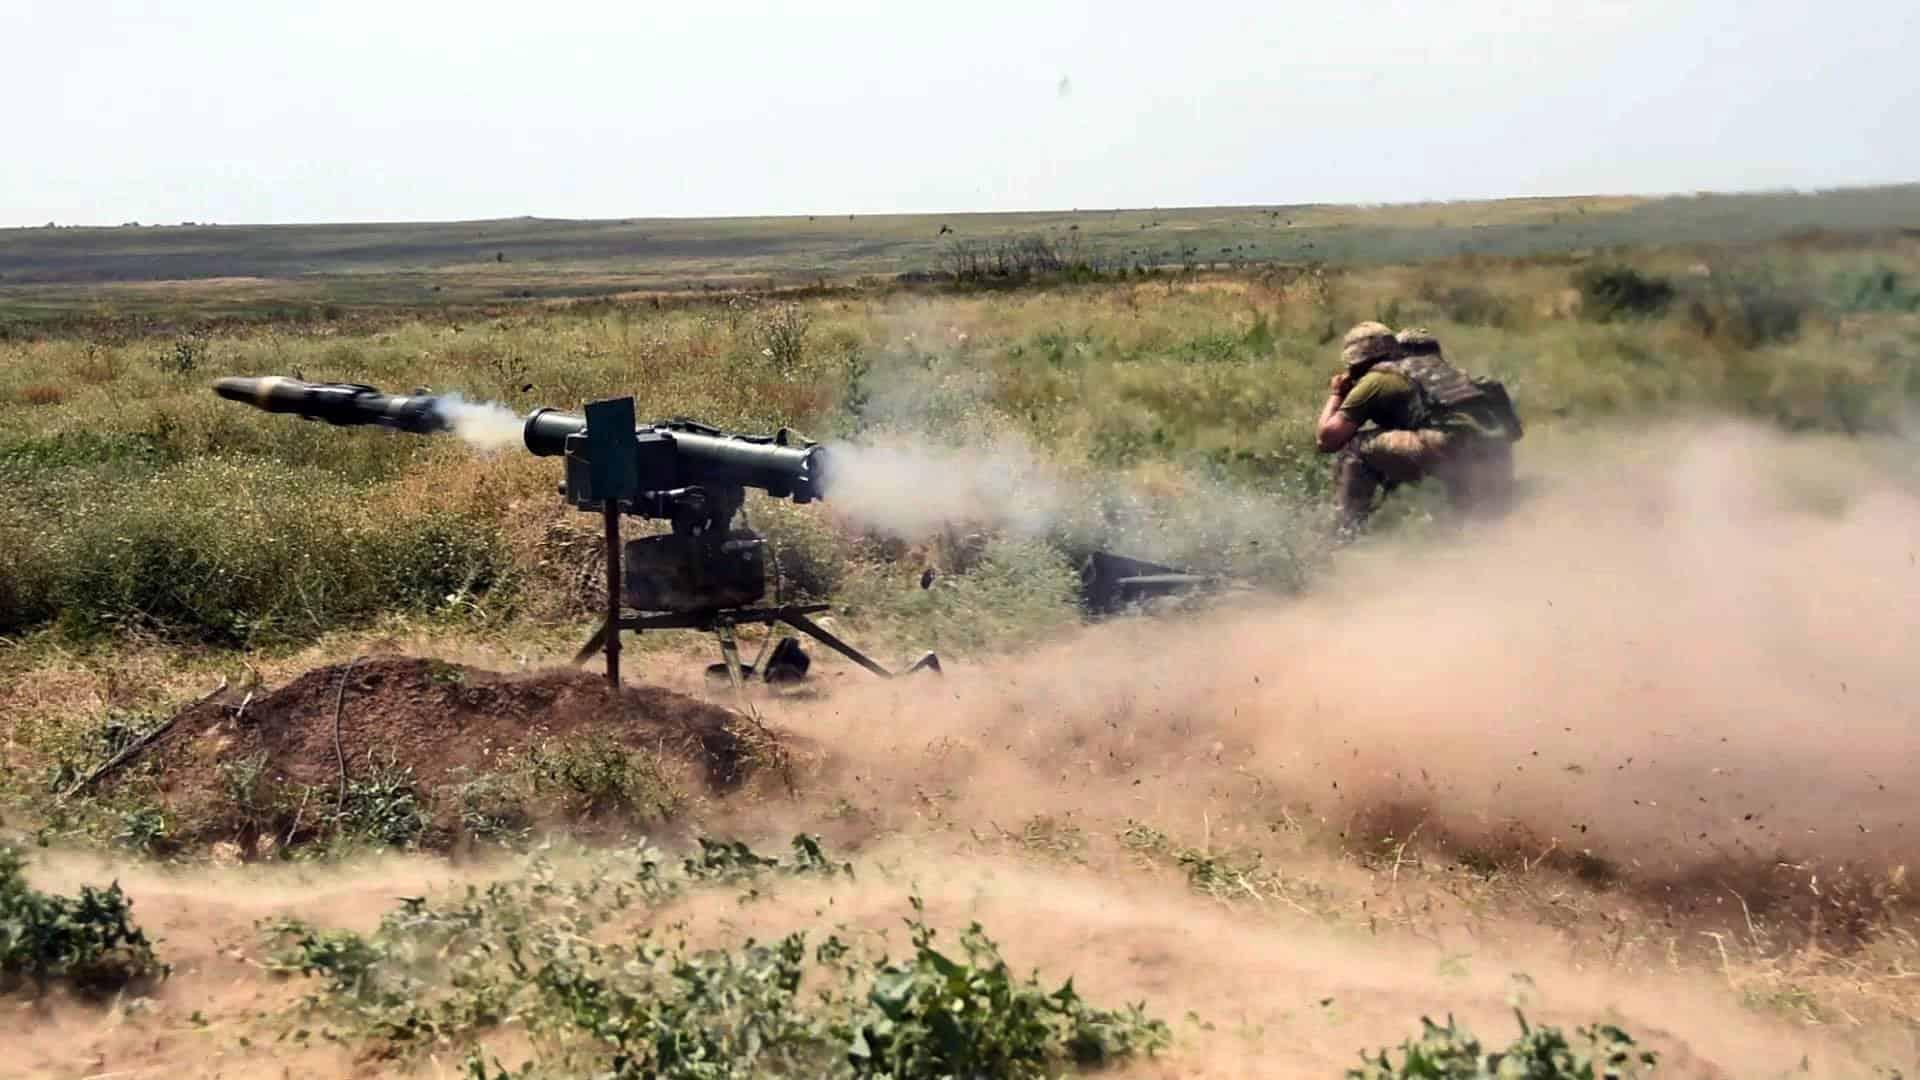 Постріл з «Стугна-П» під час змагань. Фото: АрміяInform